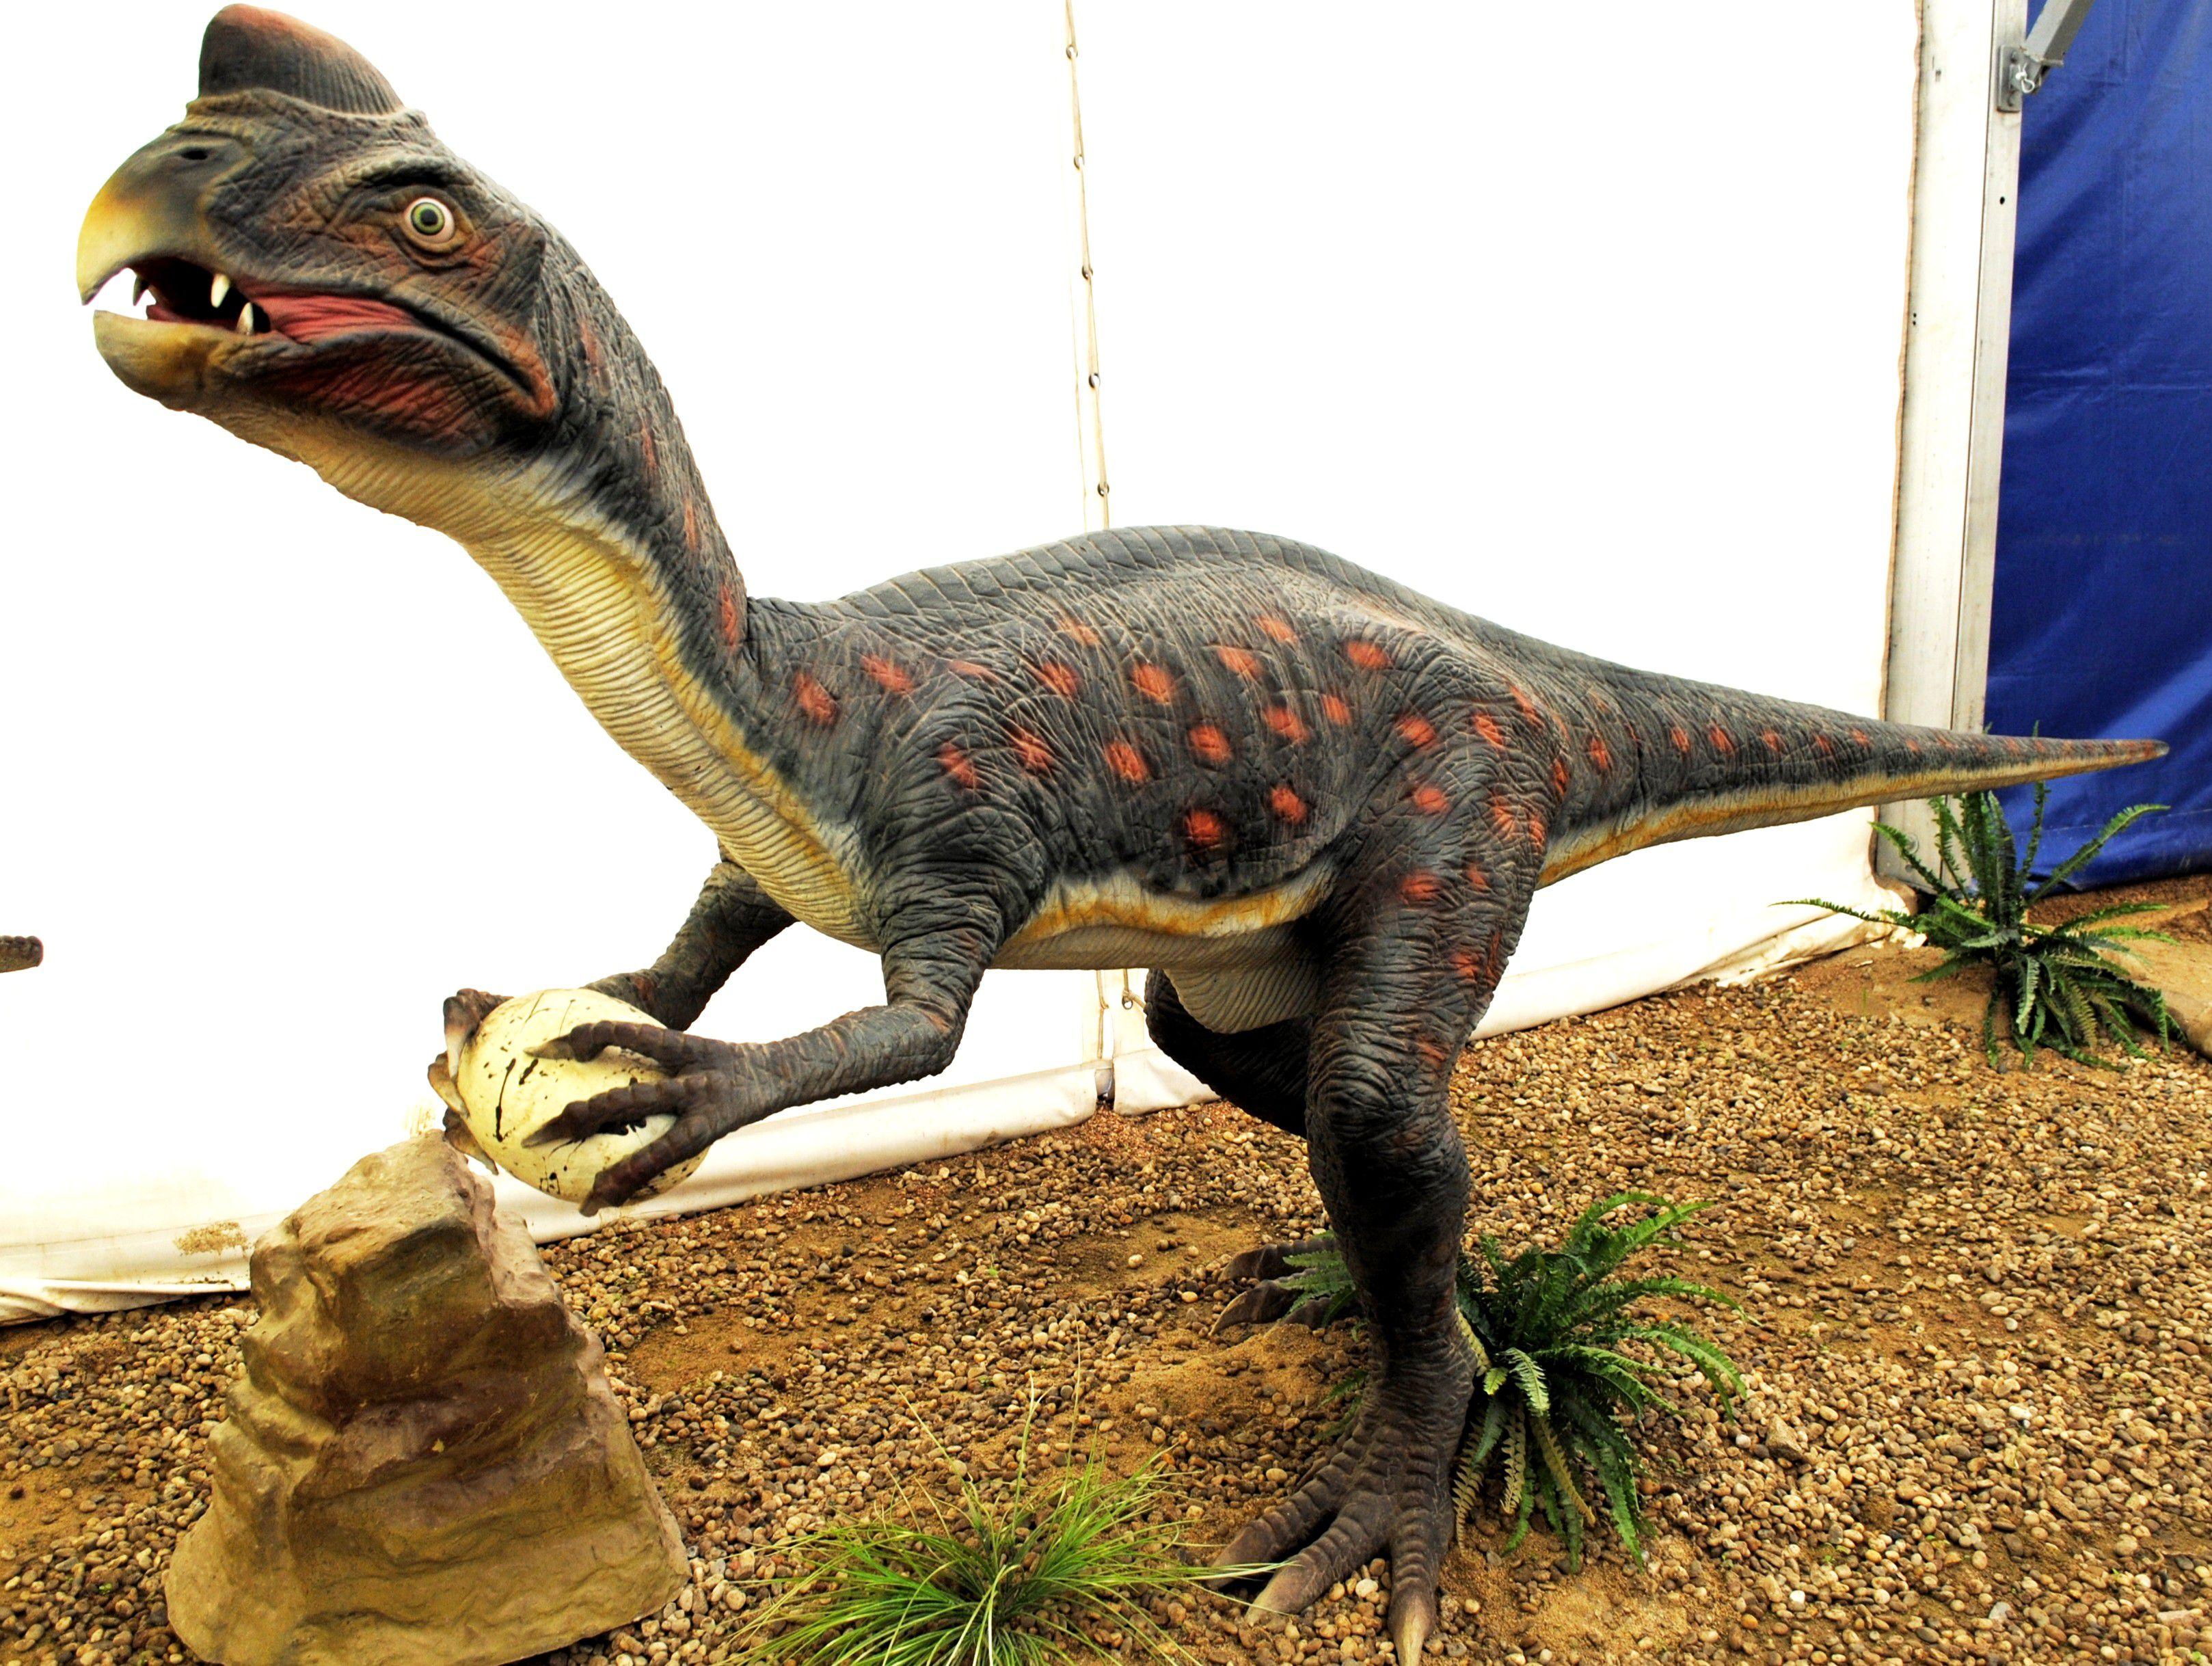 Una vez etiquetado como el ladrón de huevos, oviraptor, que se muestra aquí con un huevo, ha sido absuelto de todos los cargos.